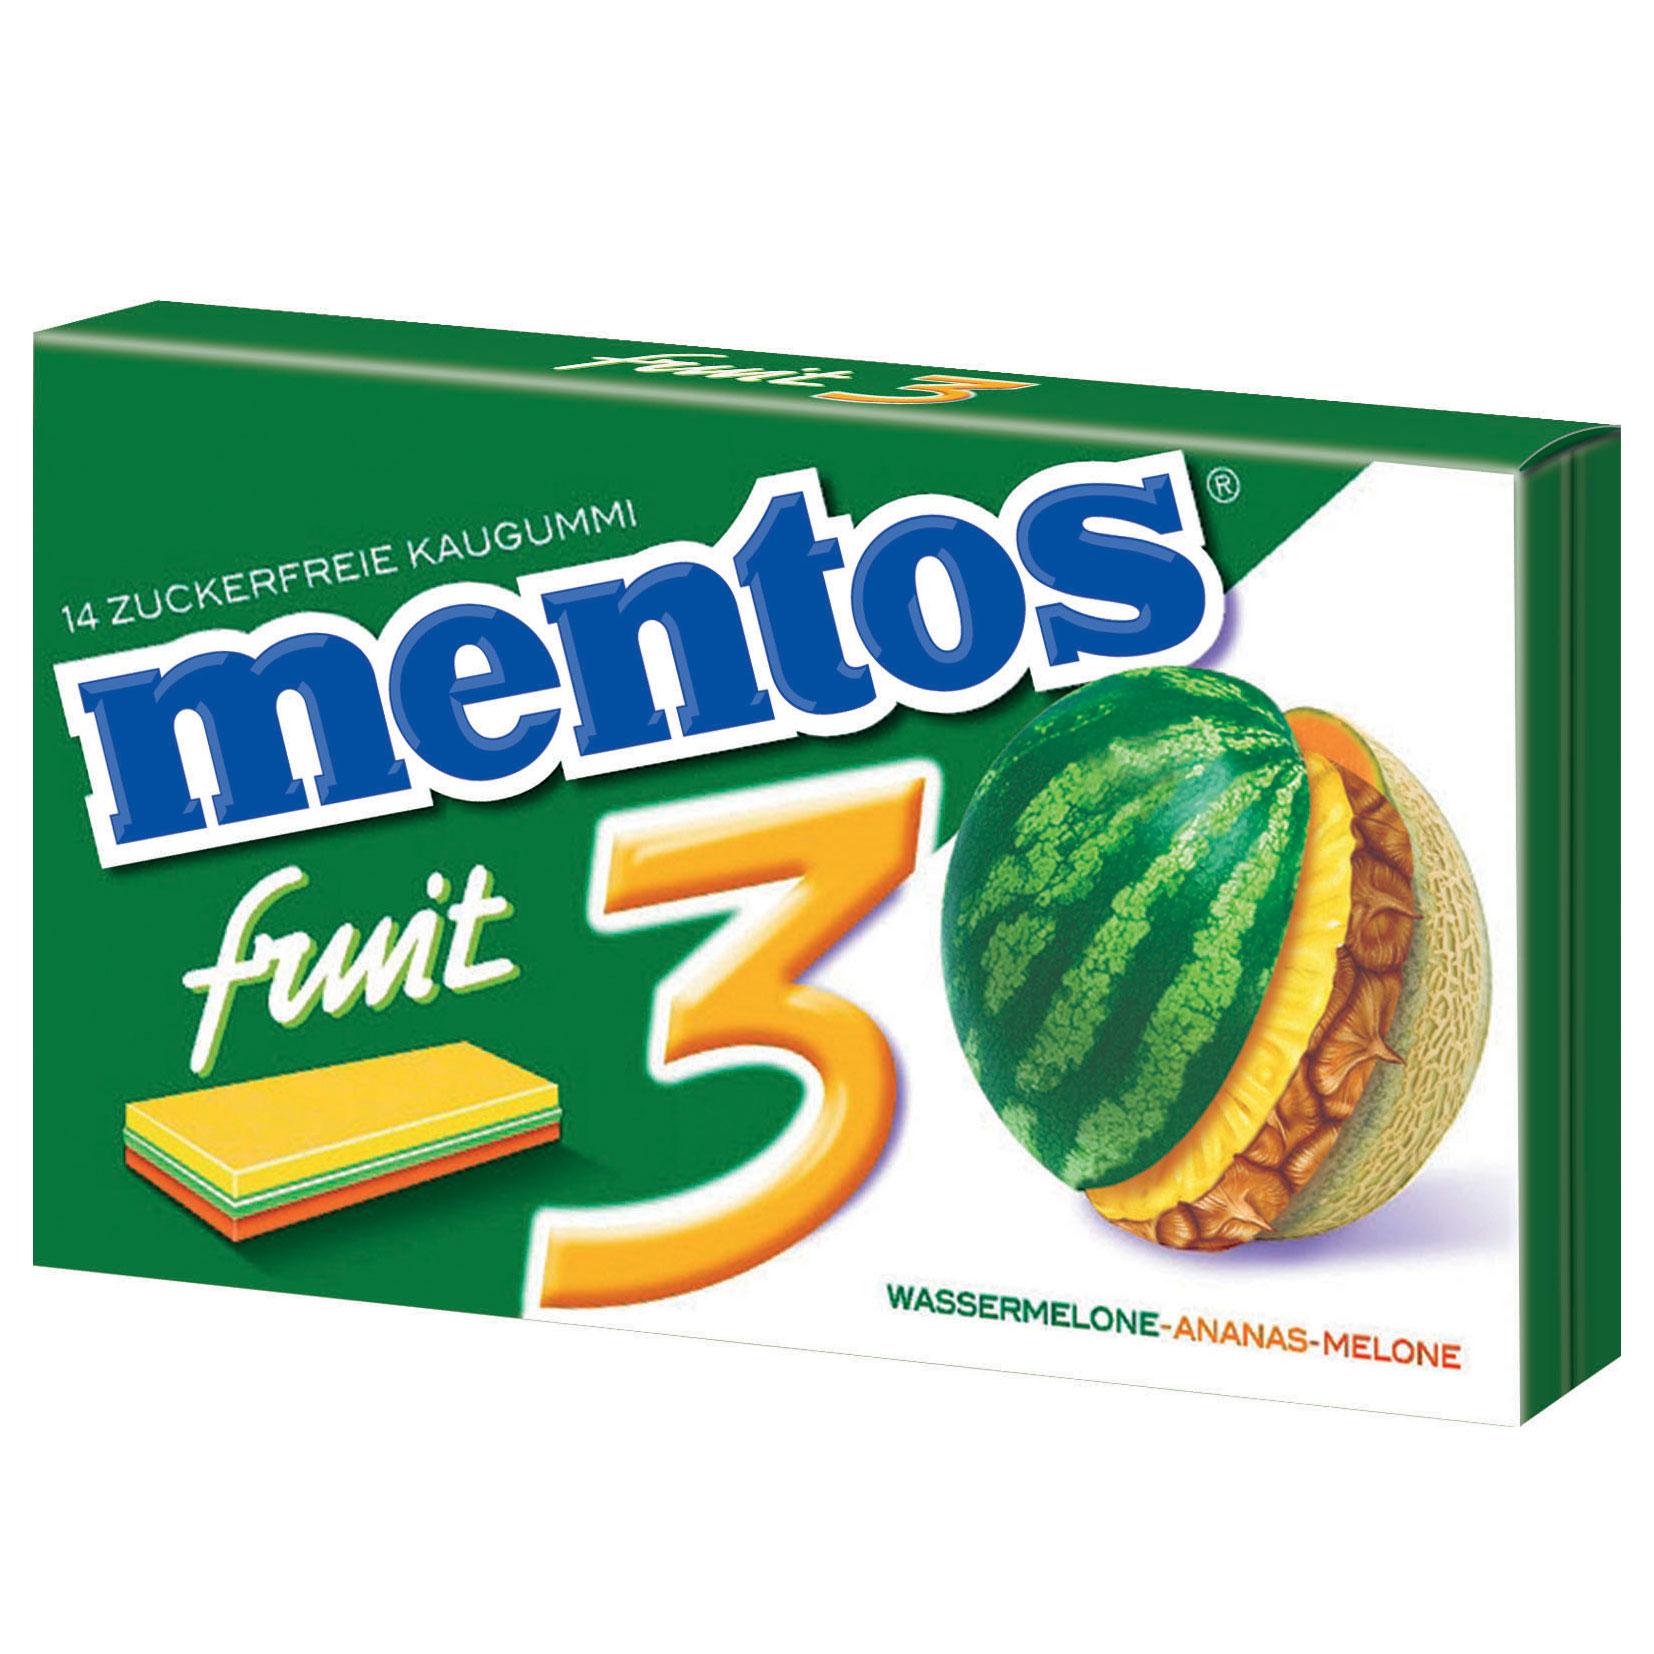 mentos gum 3 wassermelone ananas melone online kaufen im world of sweets shop. Black Bedroom Furniture Sets. Home Design Ideas